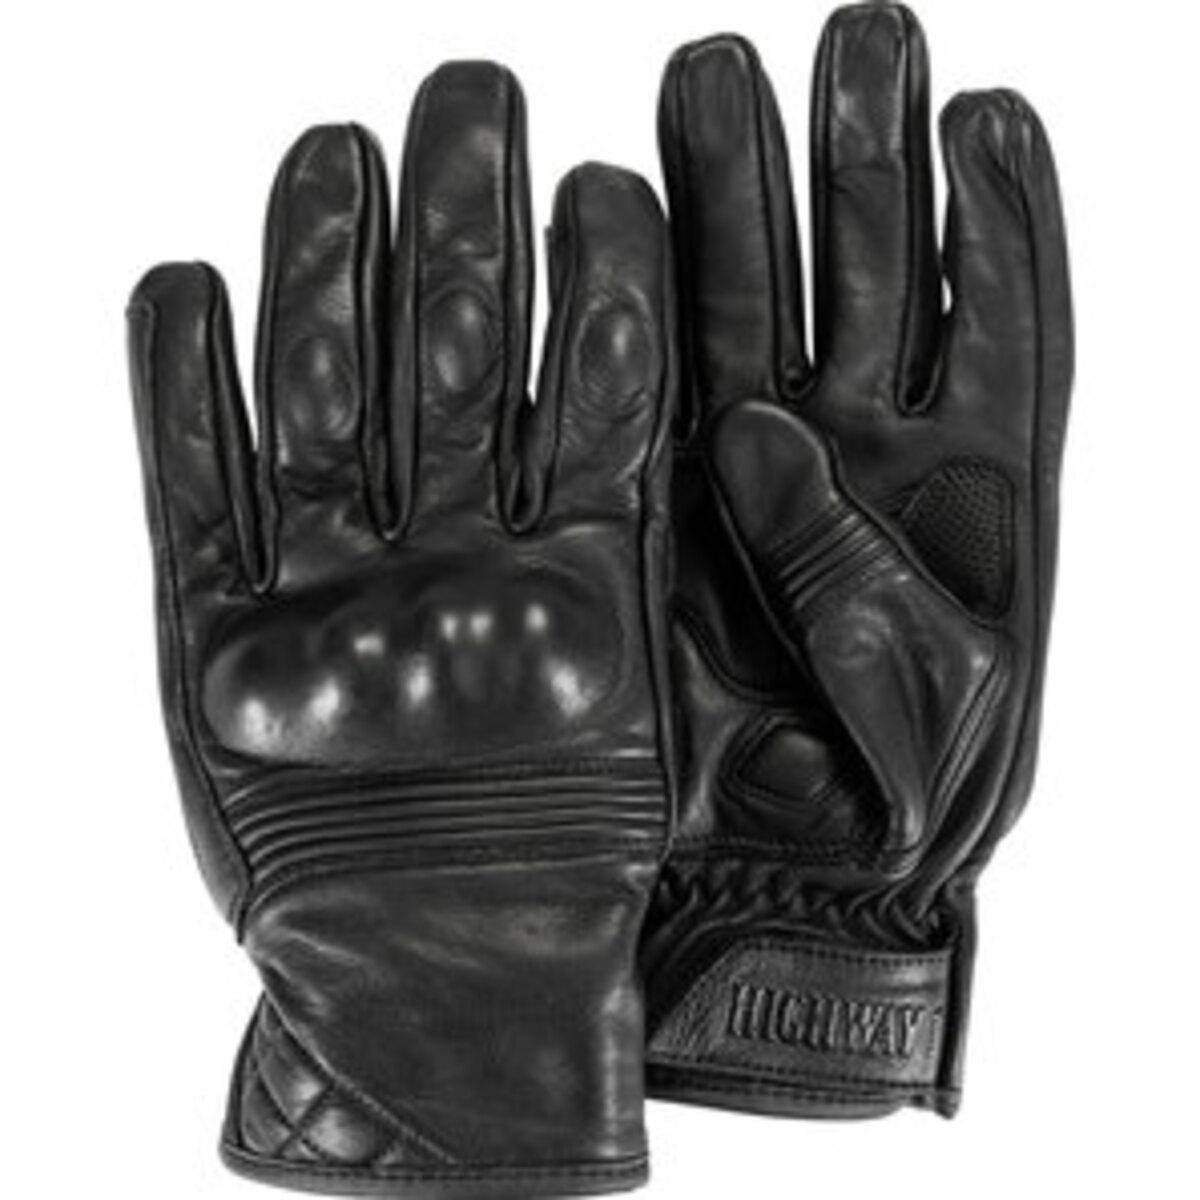 Bild 3 von Highway 1 Sports III Handschuhe